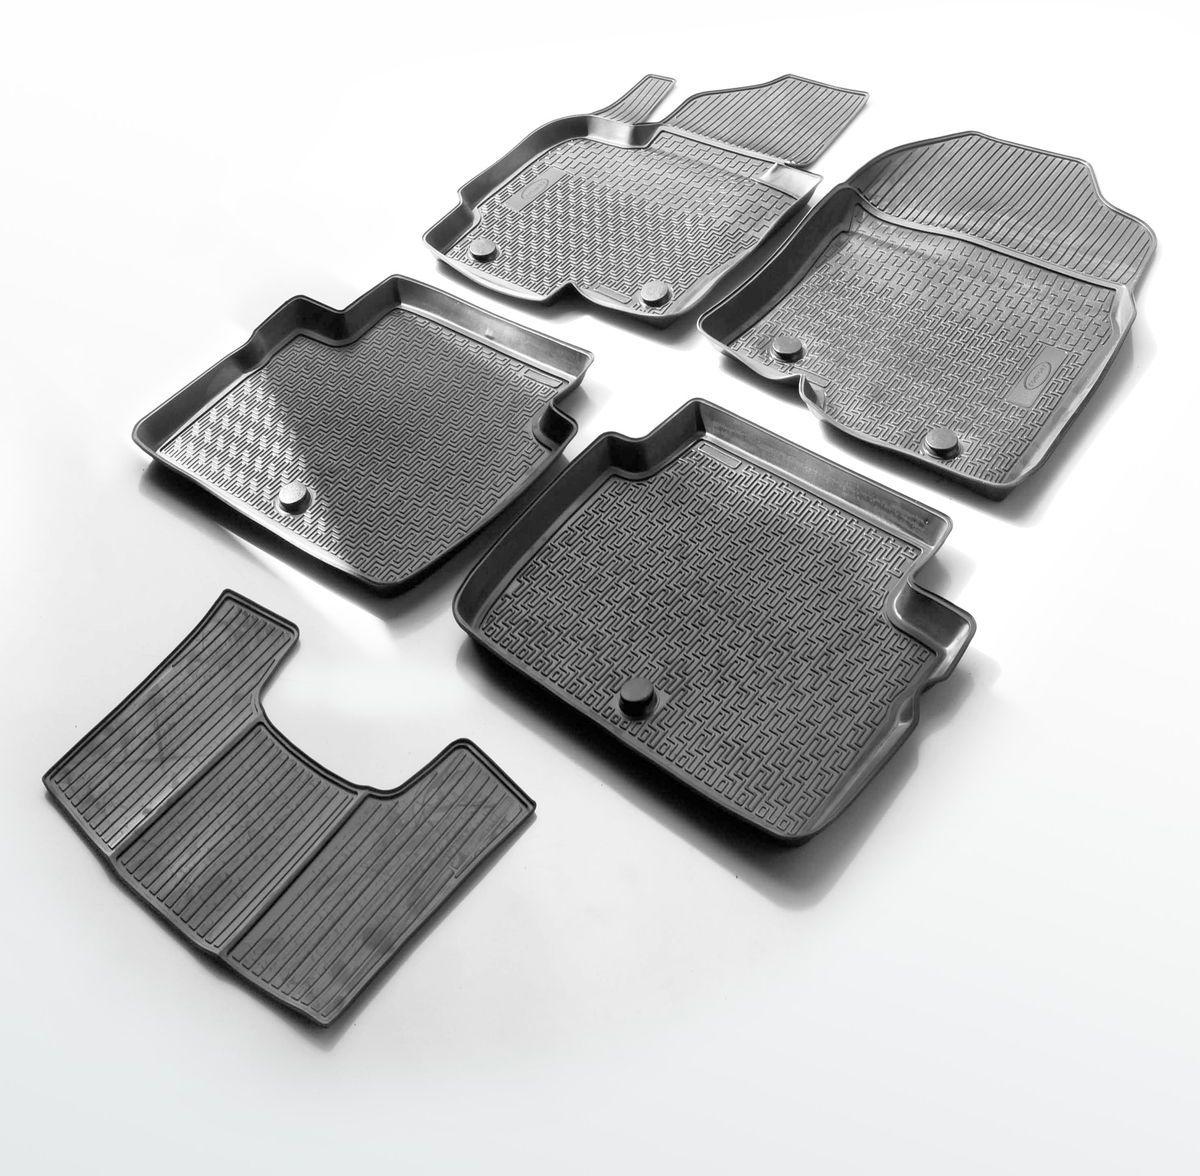 Ковры салона Rival для Subaru Outback 2015-, 4 шт + перемычка0015403001Прочные и долговечные коврики Rival в салон автомобиля, изготовлены из высококачественного и экологичного сырья, полностью повторяют геометрию салона вашего автомобиля. - Надежная система крепления, позволяющая закрепить коврик на штатные элементы фиксации, в результате чего отсутствует эффект скольжения по салону автомобиля. - Высокая стойкость поверхности к стиранию. - Специализированный рисунок и высокий борт, препятствующие распространению грязи и жидкости по поверхности коврика. - Перемычка задних ковриков в комплекте предотвращает загрязнение тоннеля карданного вала. - Произведены из первичных материалов, в результате чего отсутствует неприятный запах в салоне автомобиля. - Высокая эластичность, можно беспрепятственно эксплуатировать при температуре от -45 ?C до +45 ?C. Уважаемые клиенты! Обращаем ваше внимание, что коврики имеет форму соответствующую модели данного автомобиля. Фото служит для визуального восприятия товара.